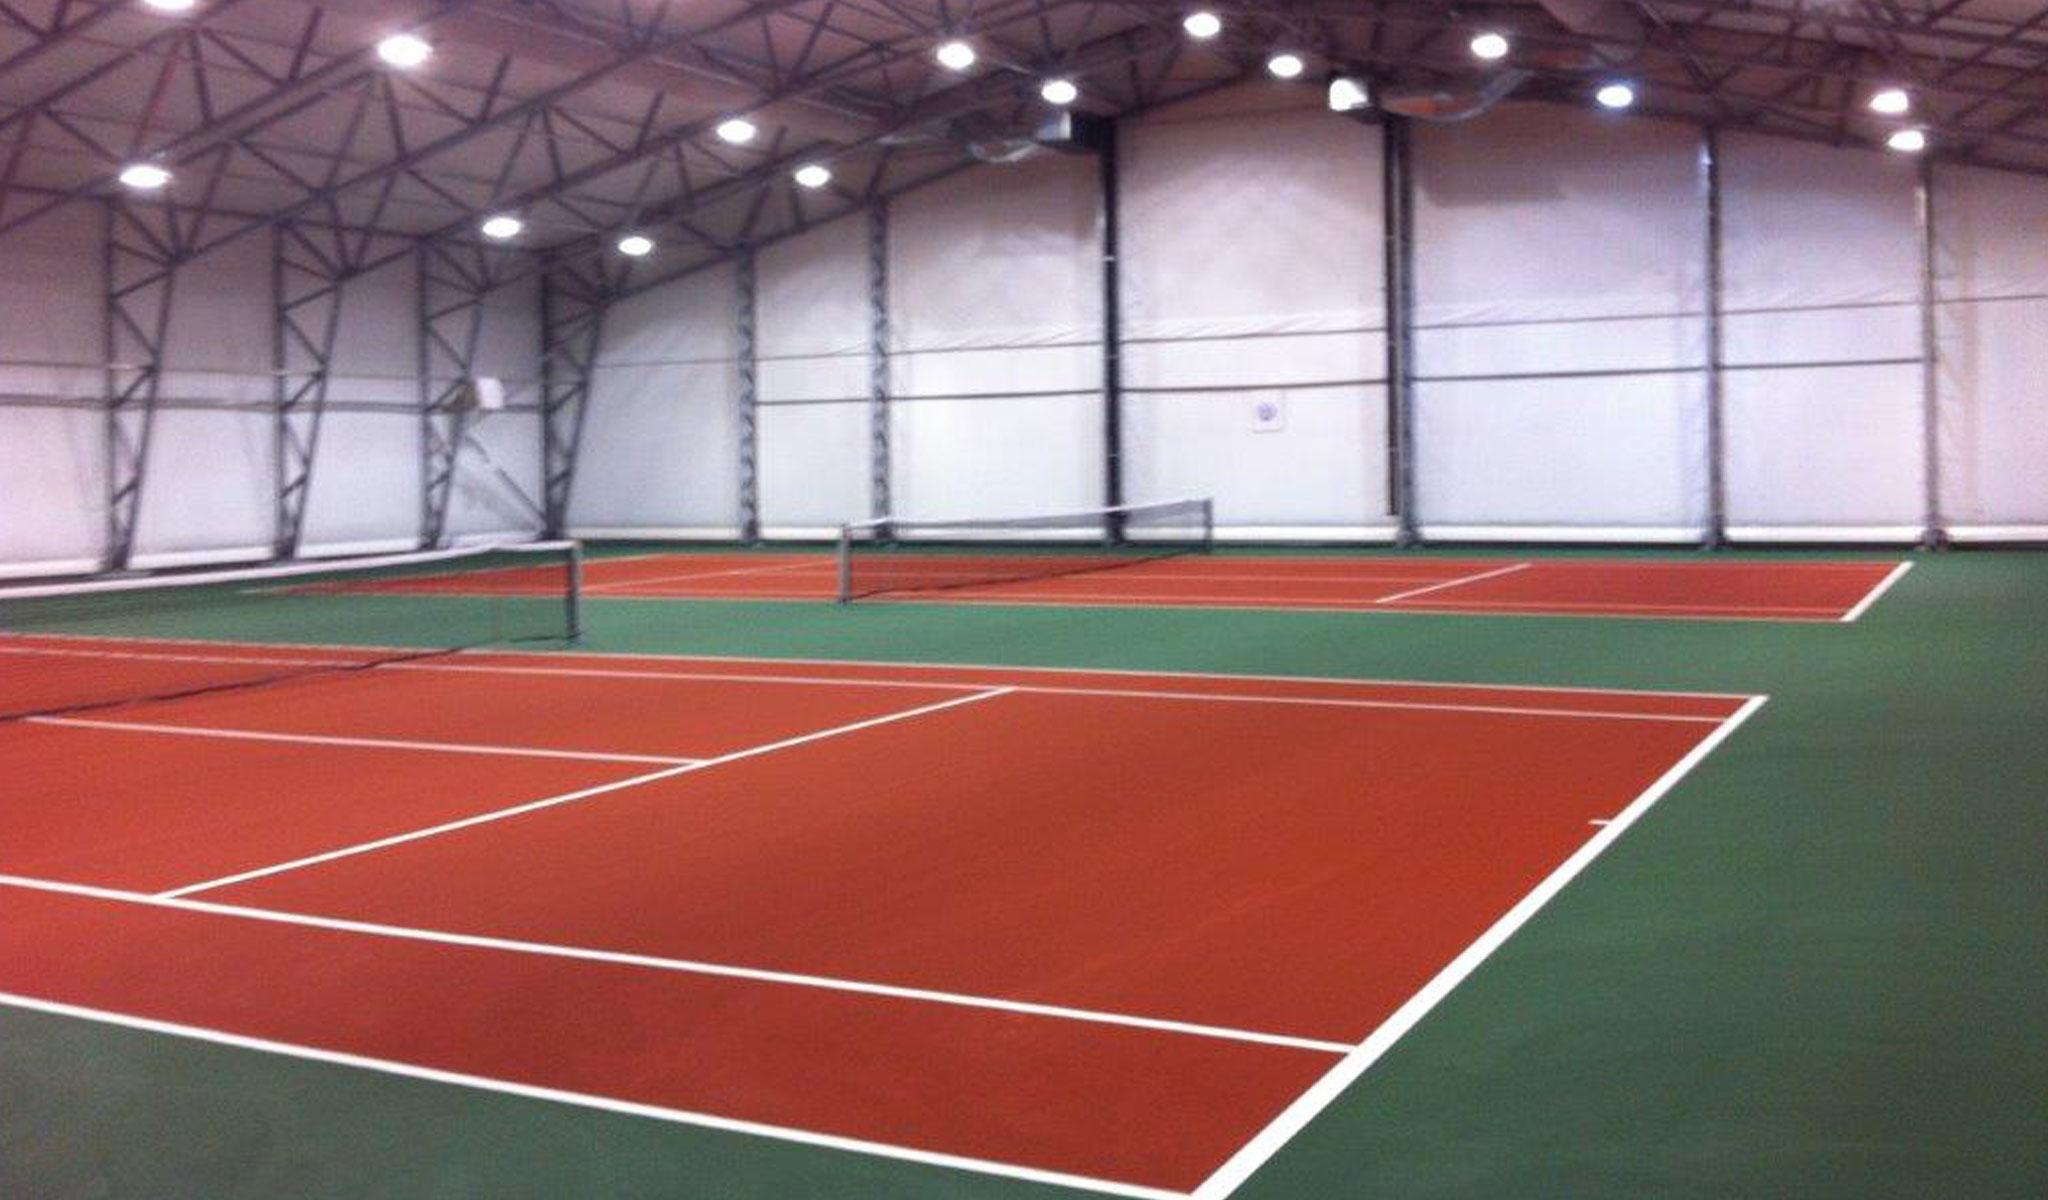 greenset tennisbana tennisbeläggning tennisunderlag från unisport